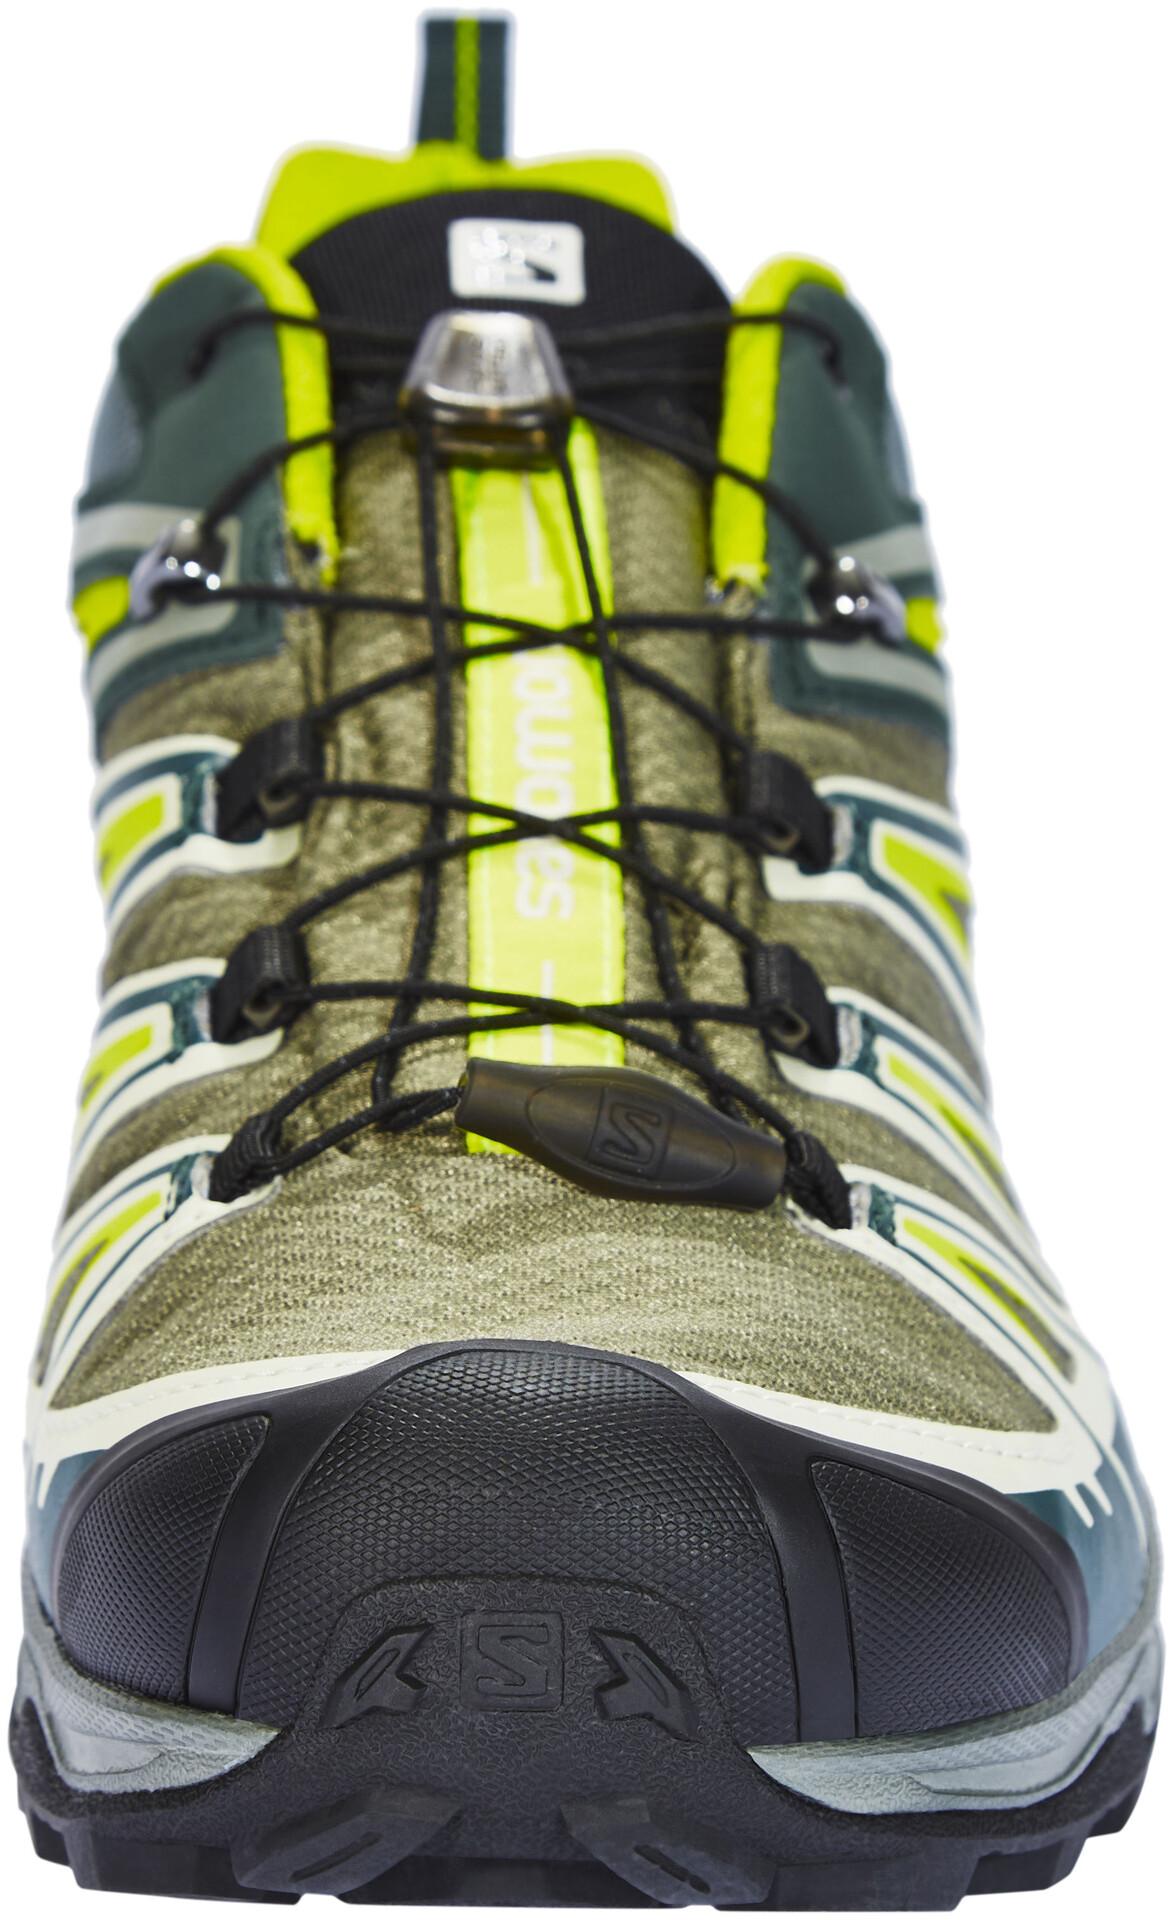 Ultra Gtx Homme 3 Sur X Jaunebleu Pétrole Salomon Chaussures qCw1gvWxH